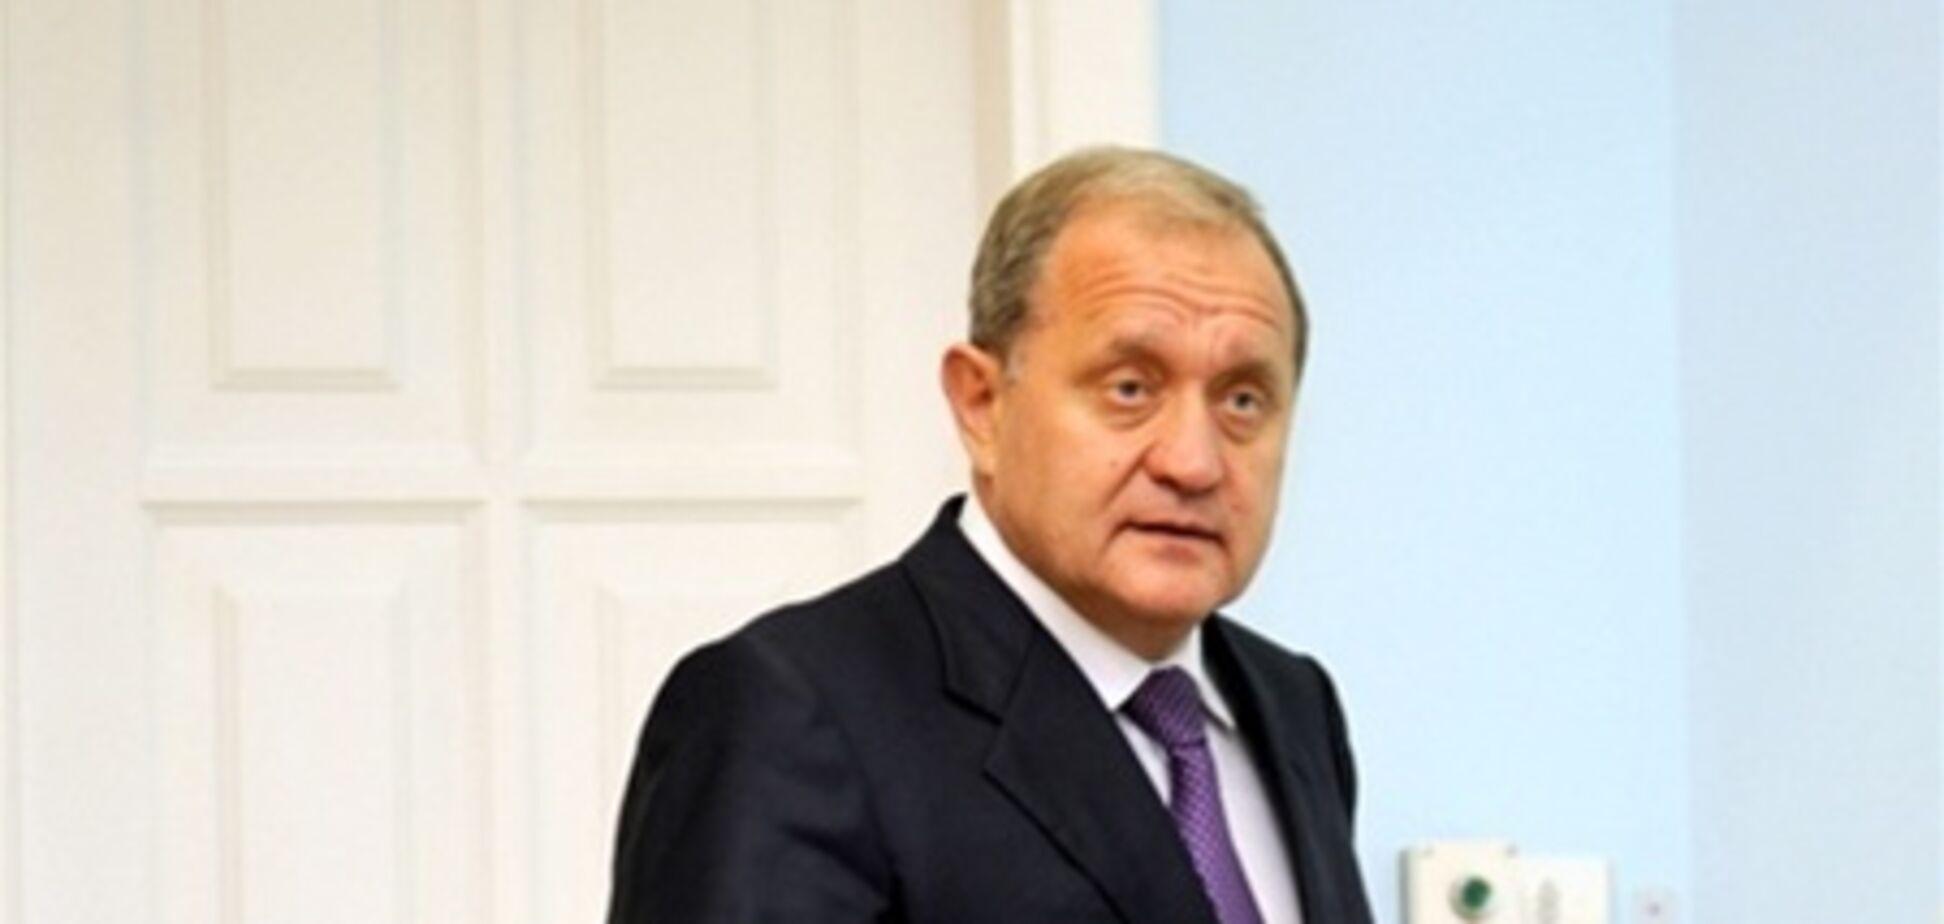 Могилев критикует 'Свободу' за намерение отменить автономию Крыма